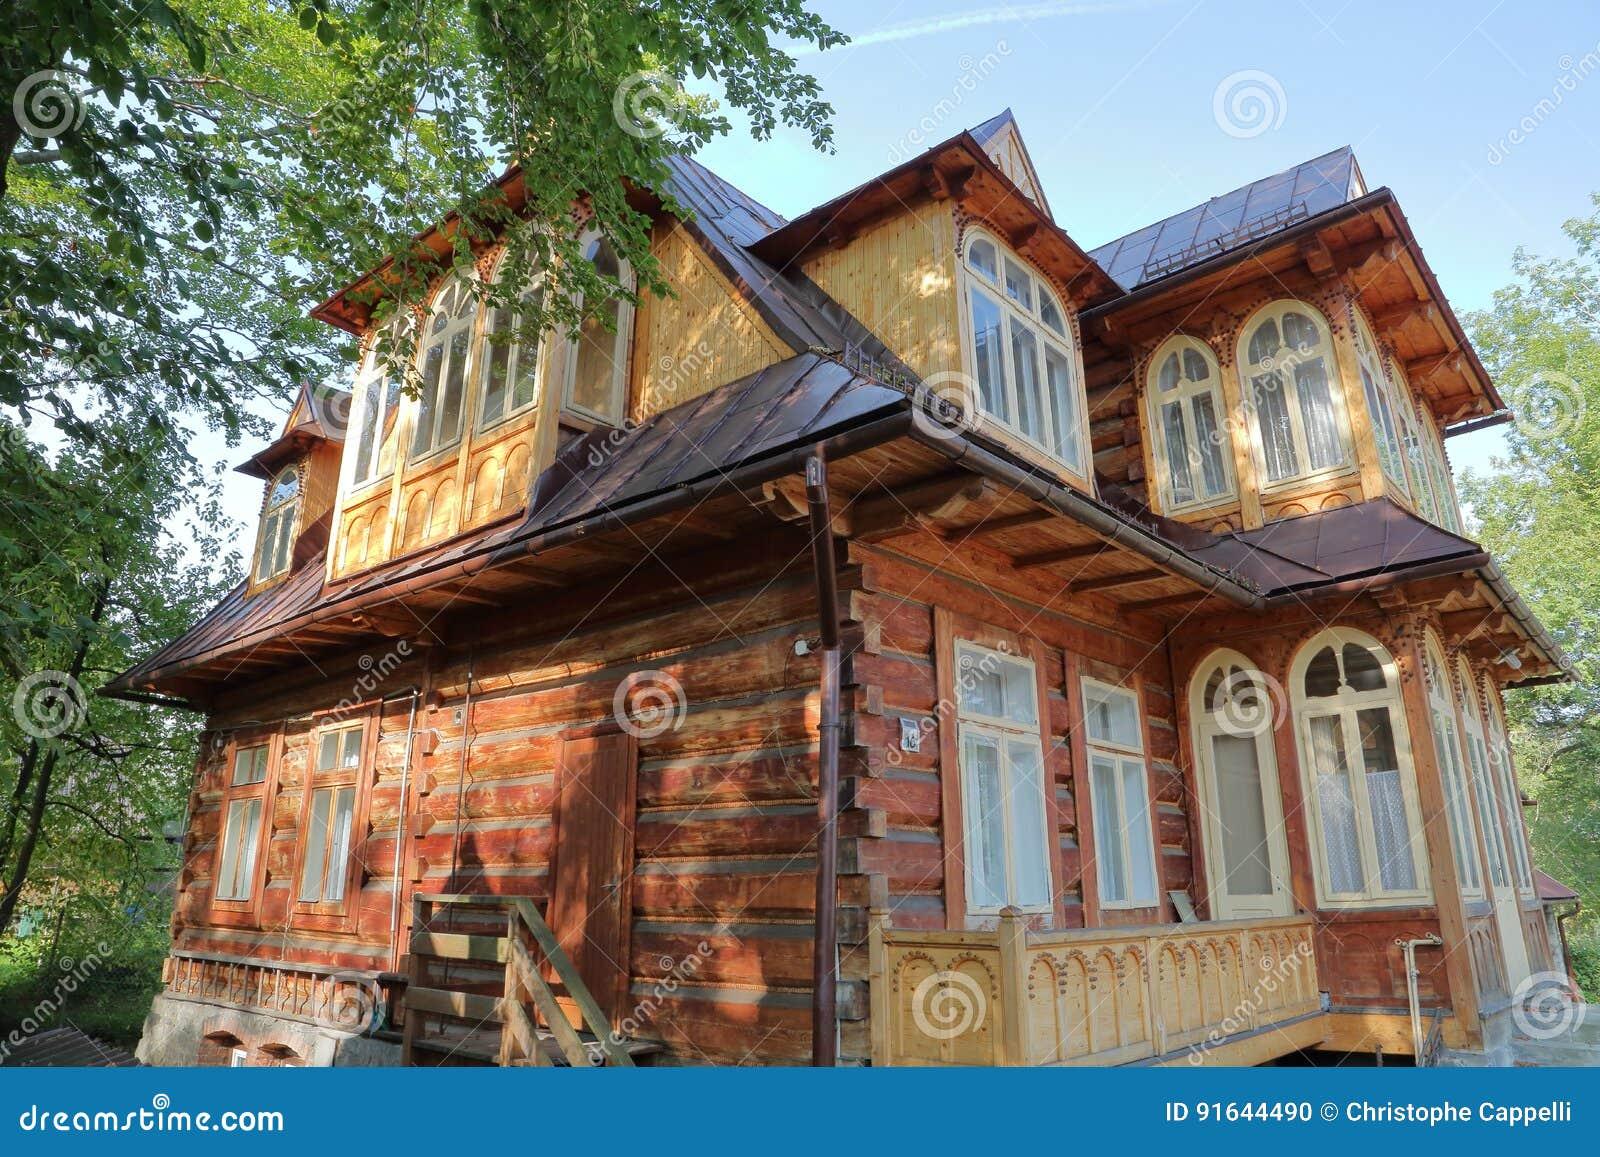 Zakopane polonia 16 settembre 2014 casa di legno in for Case in legno in polonia